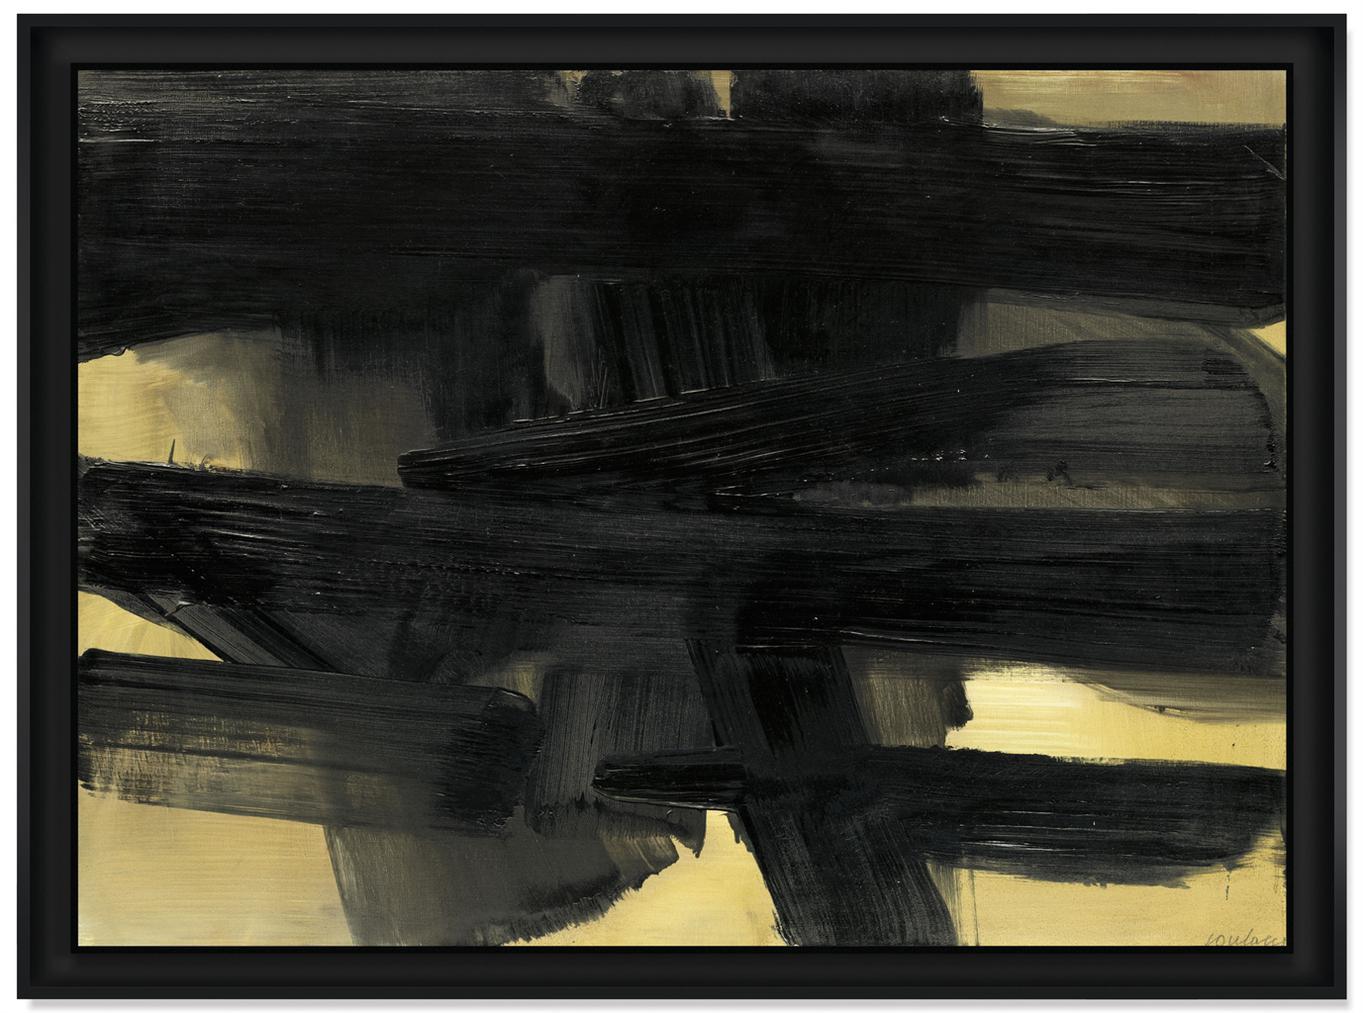 Pierre Soulages-Peinture, 73 X 100Cm 17 Mai 1964-1964